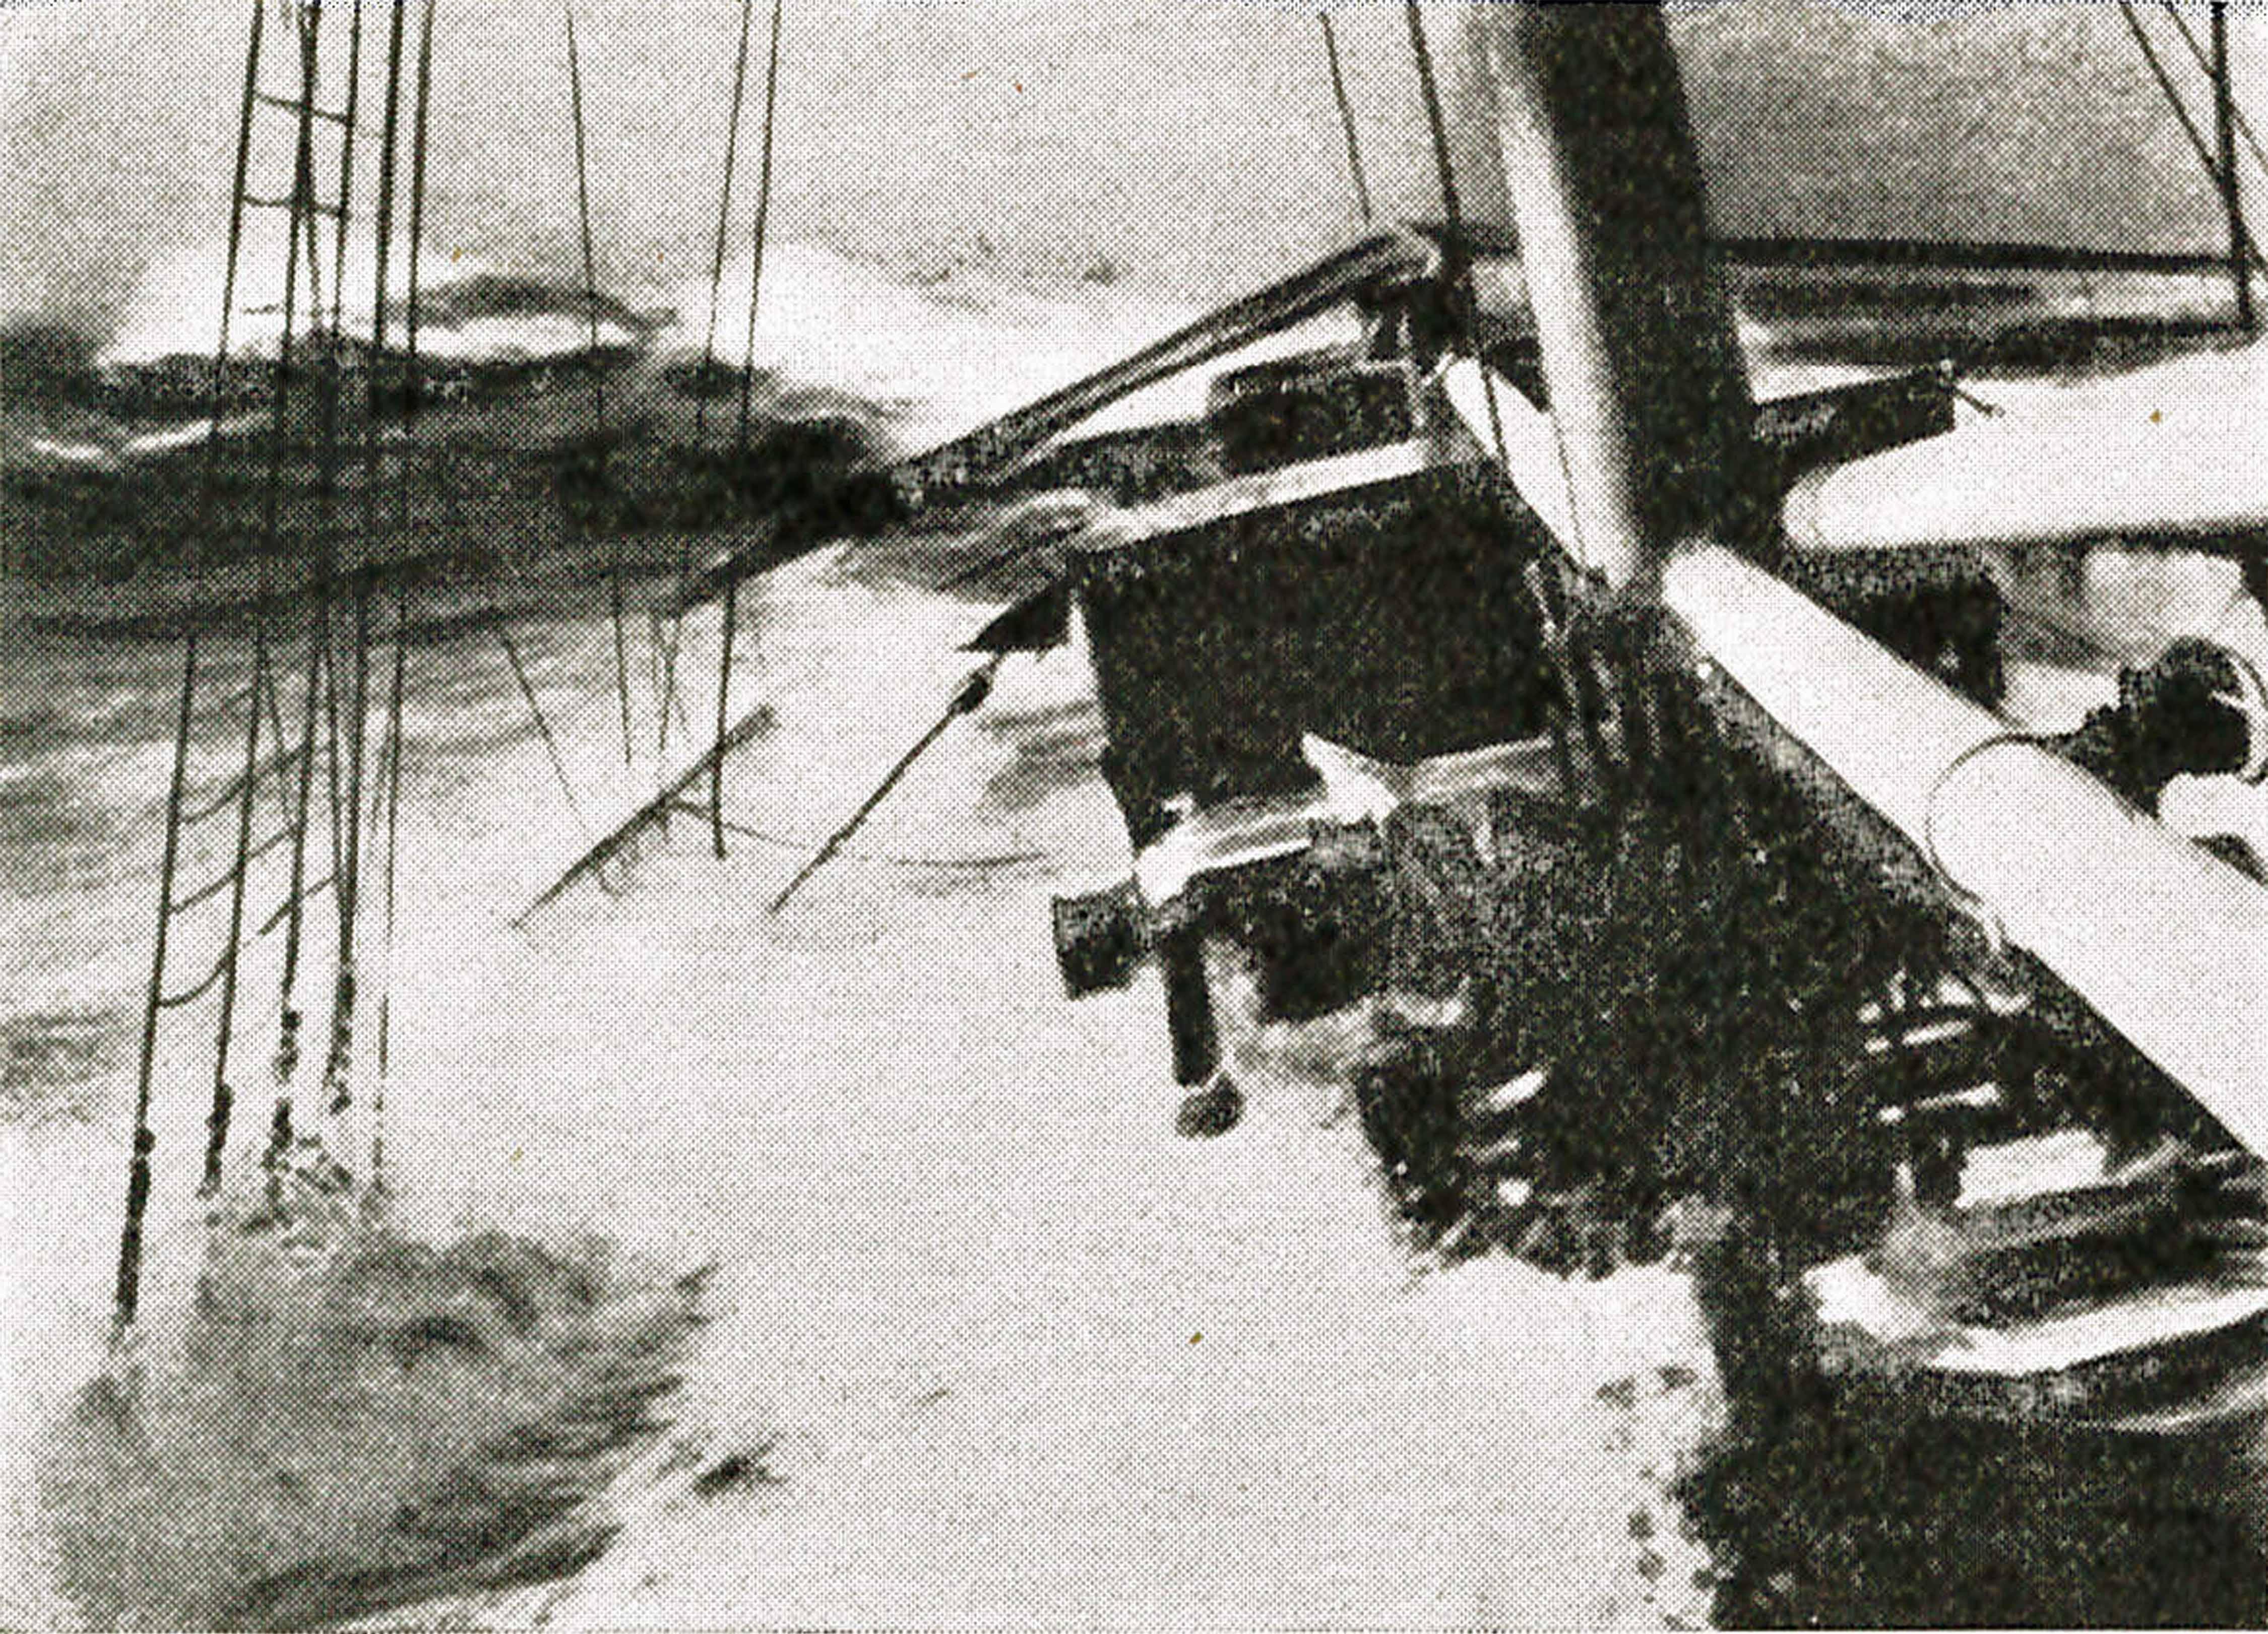 5. april 1915. Blokadebryderen: Sørøvere i Det indiske Ocean?